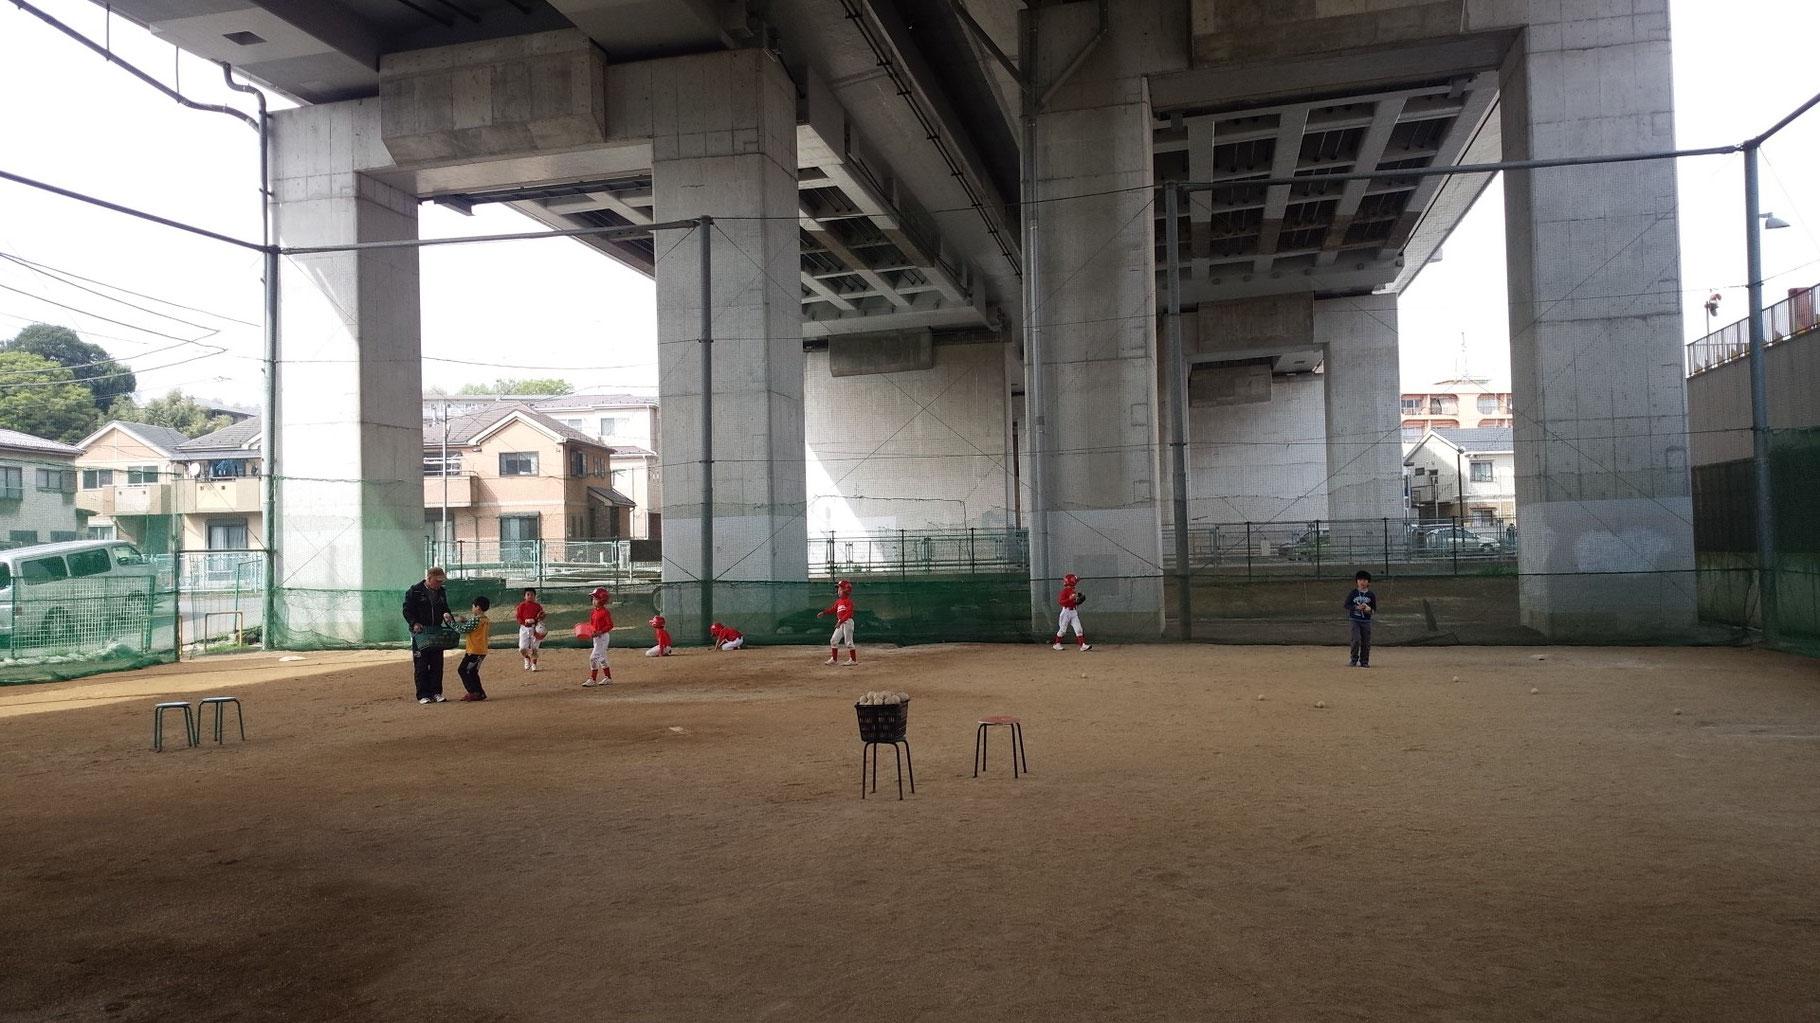 Bチーム練習風景(バッティング後の球拾い)